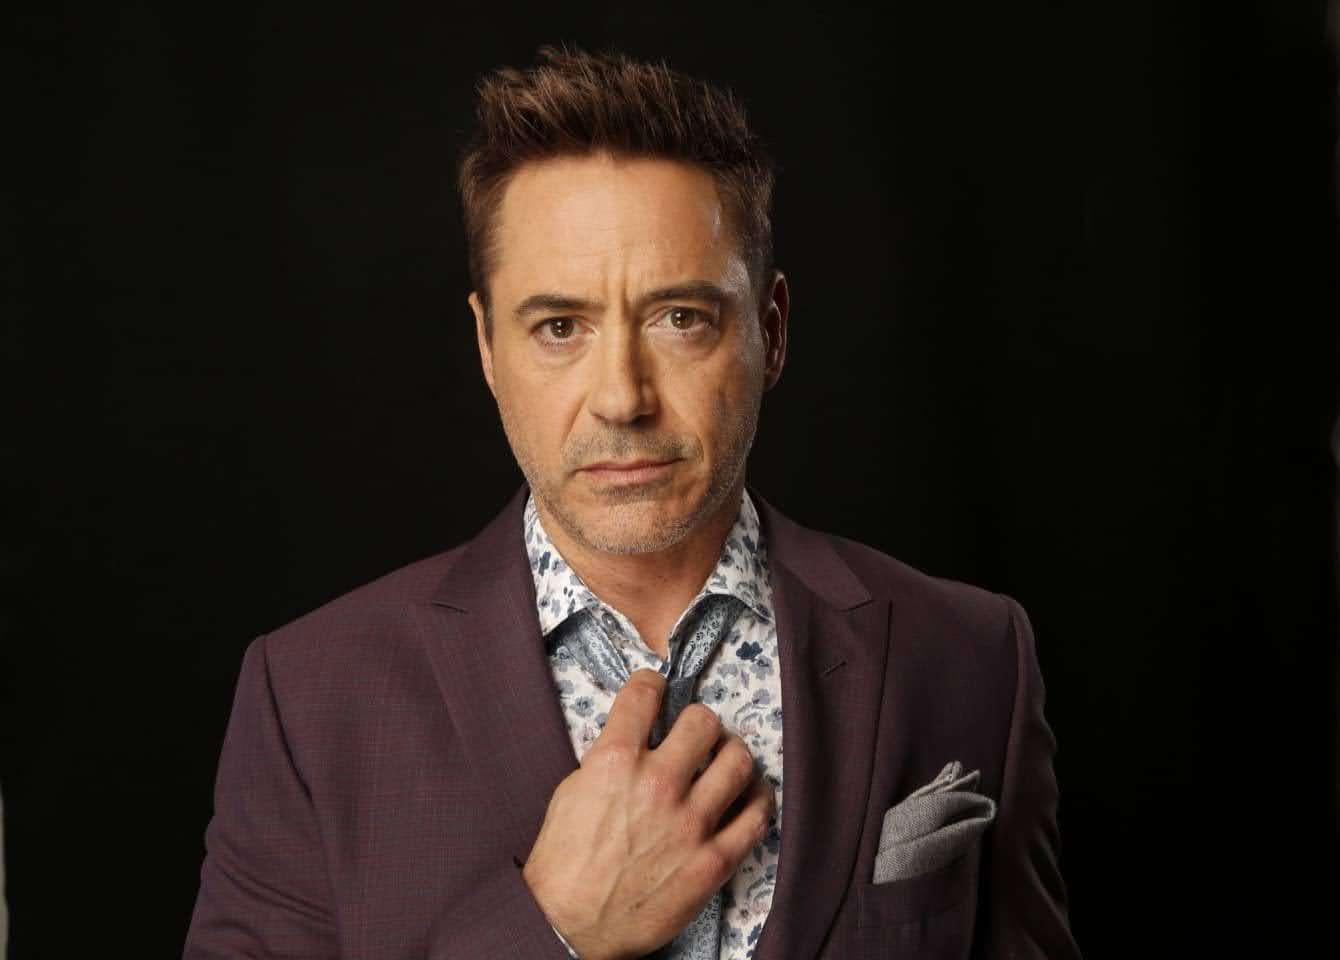 Robert Downey Jr. to co-star and produce new series 'The Sympathizer' : ロバート・ダウニー Jr. が、「親切なクムジャさん」などのパク・チャヌク監督と組んで、スパイ・ドラマのTVシリーズ「ザ・シンパサイザー」をプロデュースと同時に悪役として出演 ! !